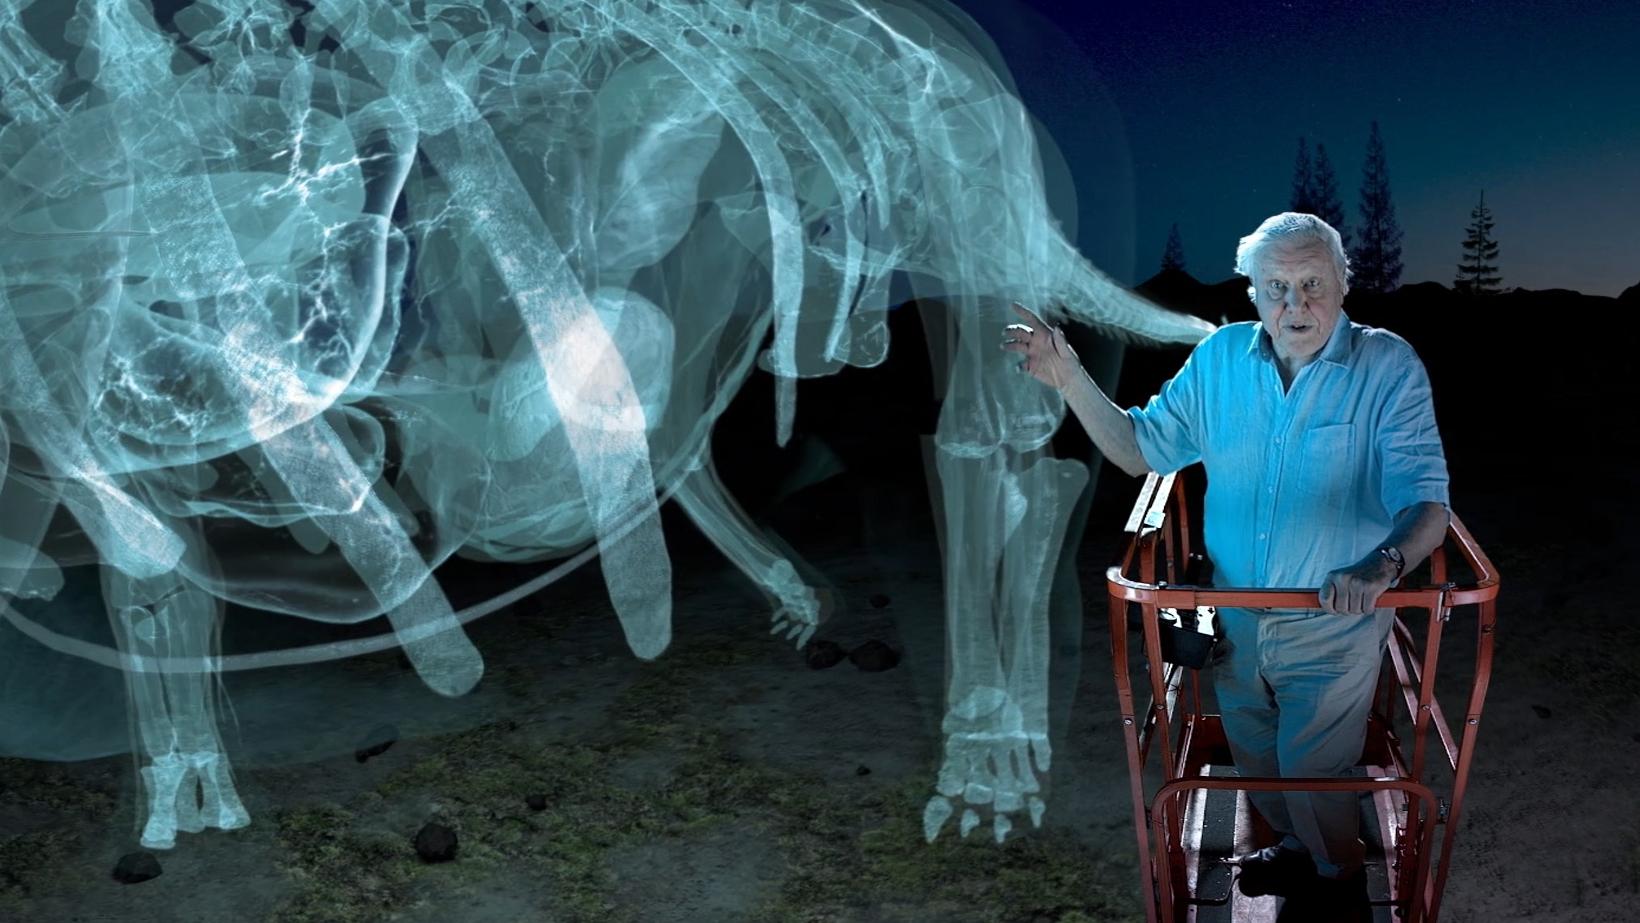 360-degree Virtual Tour of a Dinosaur Giant